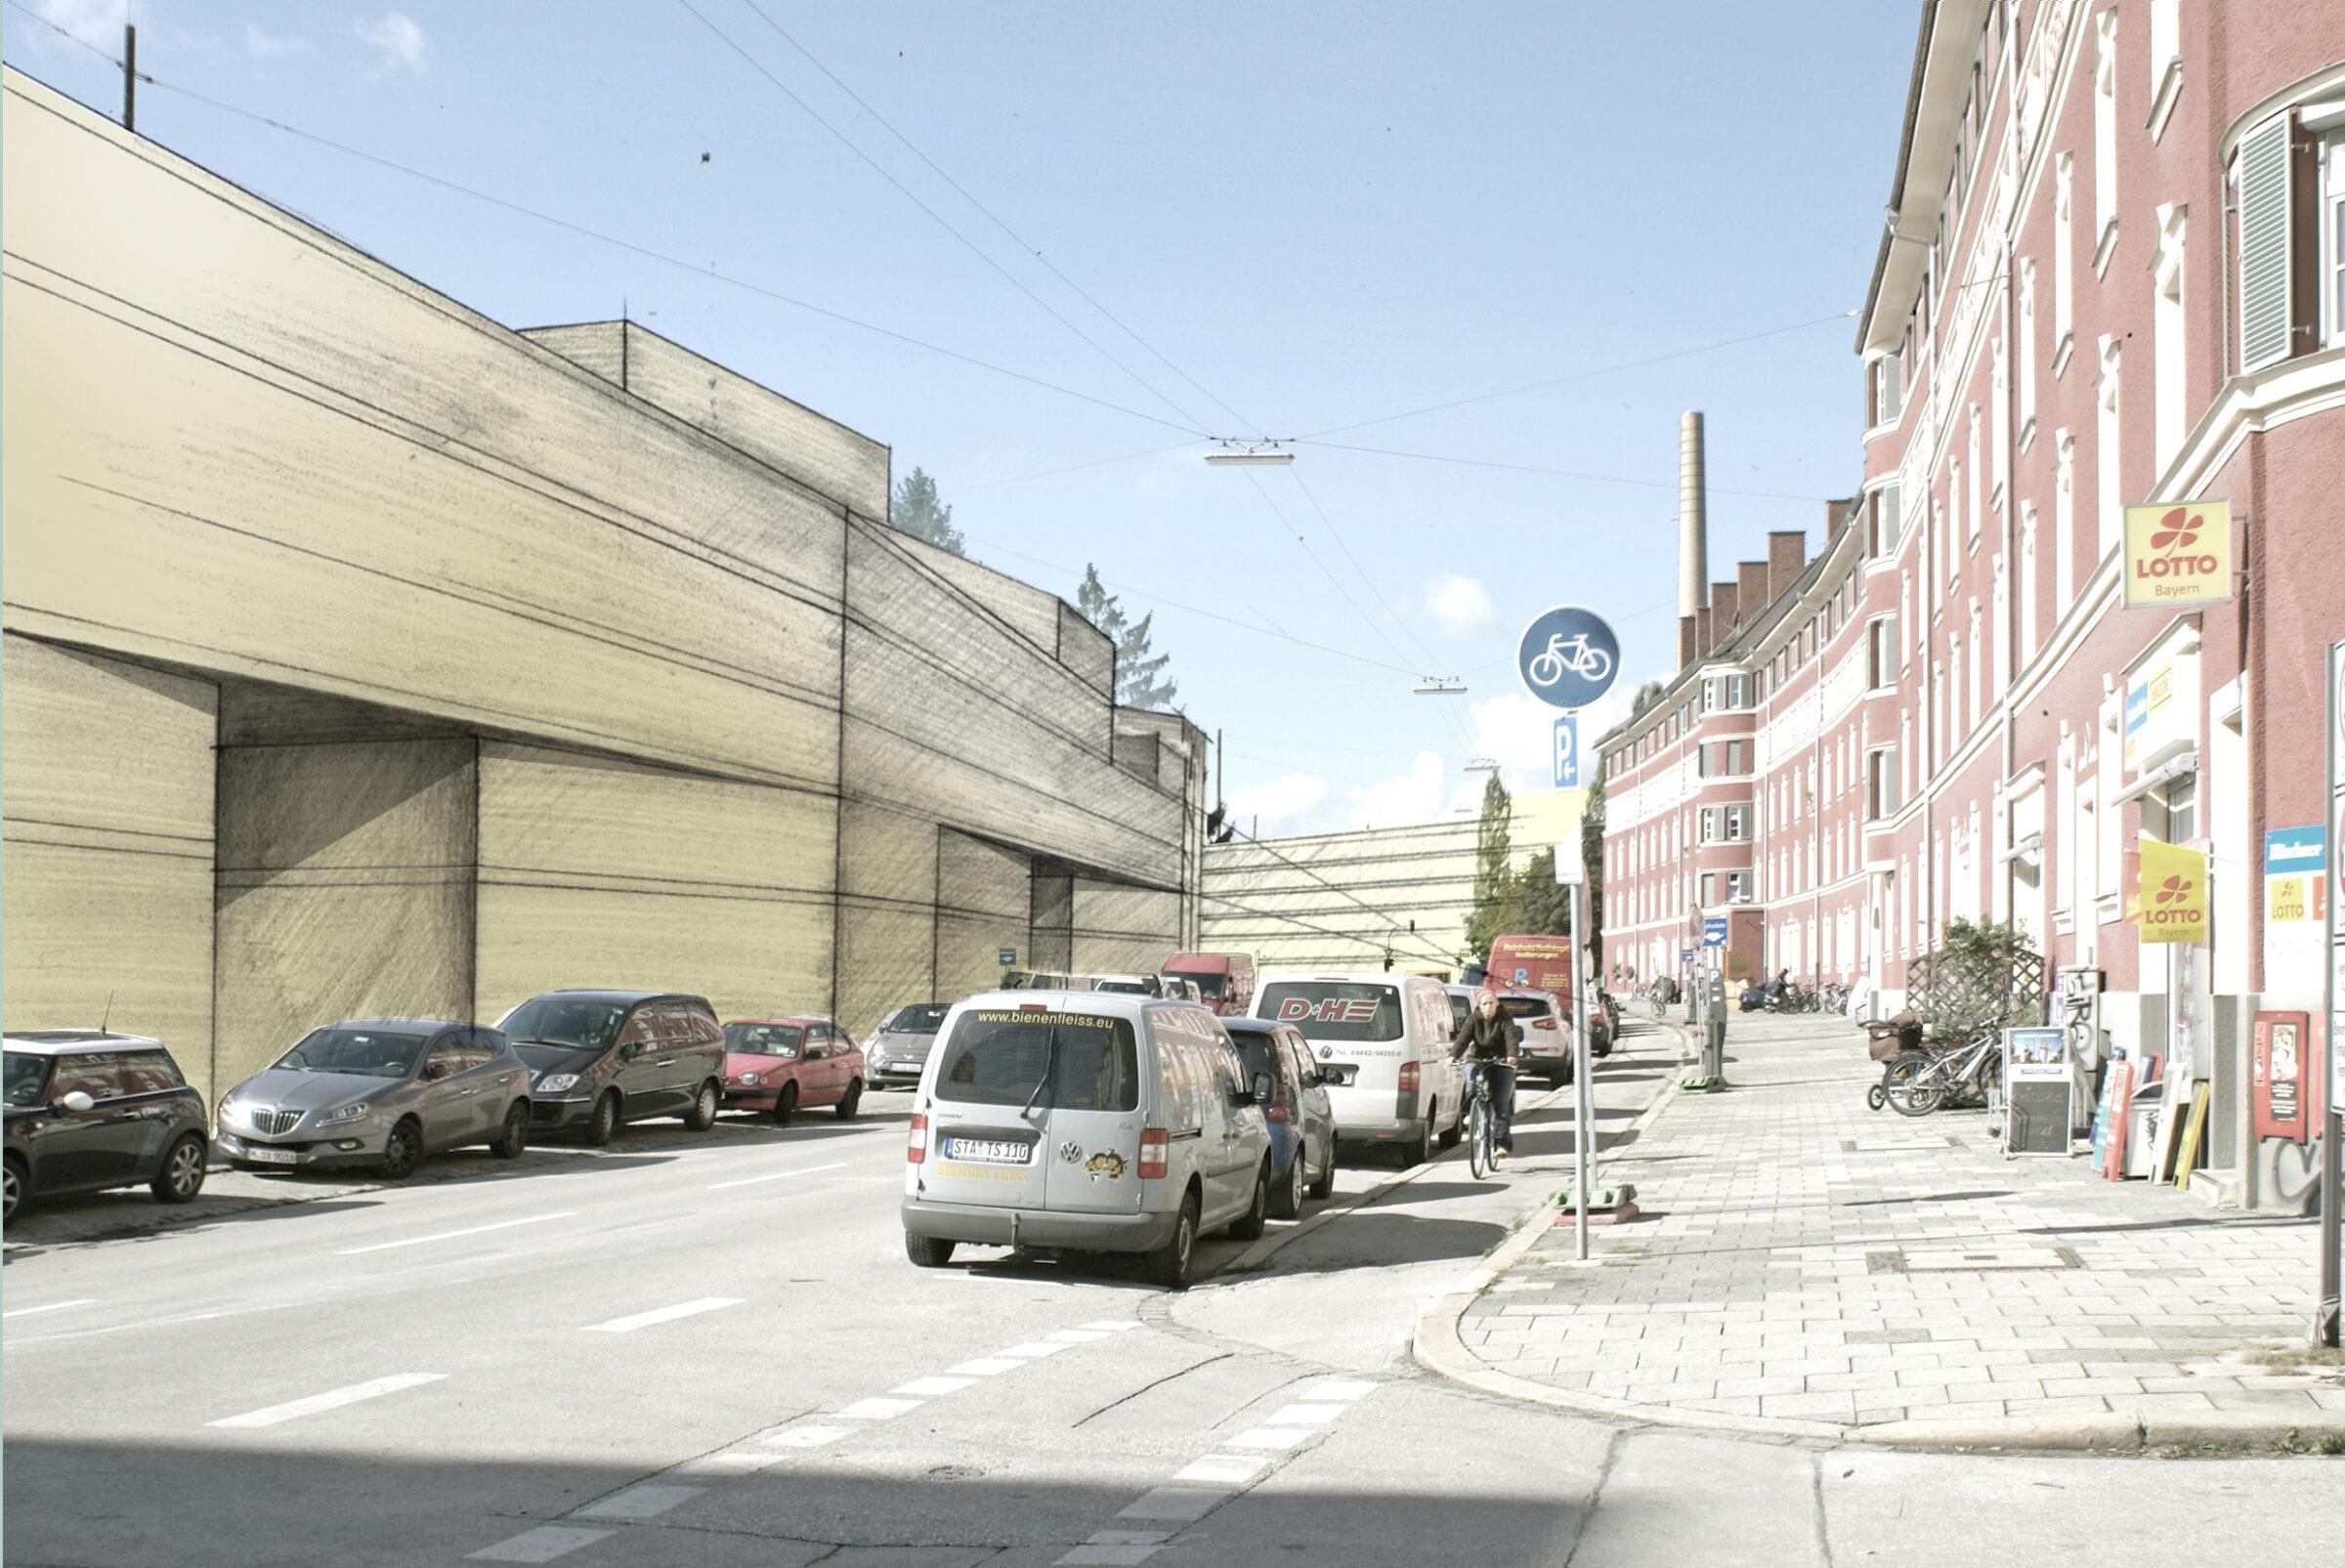 Paulaner Welfenstraße Meili Peter dreisterneplus münchen Wohnungsbau